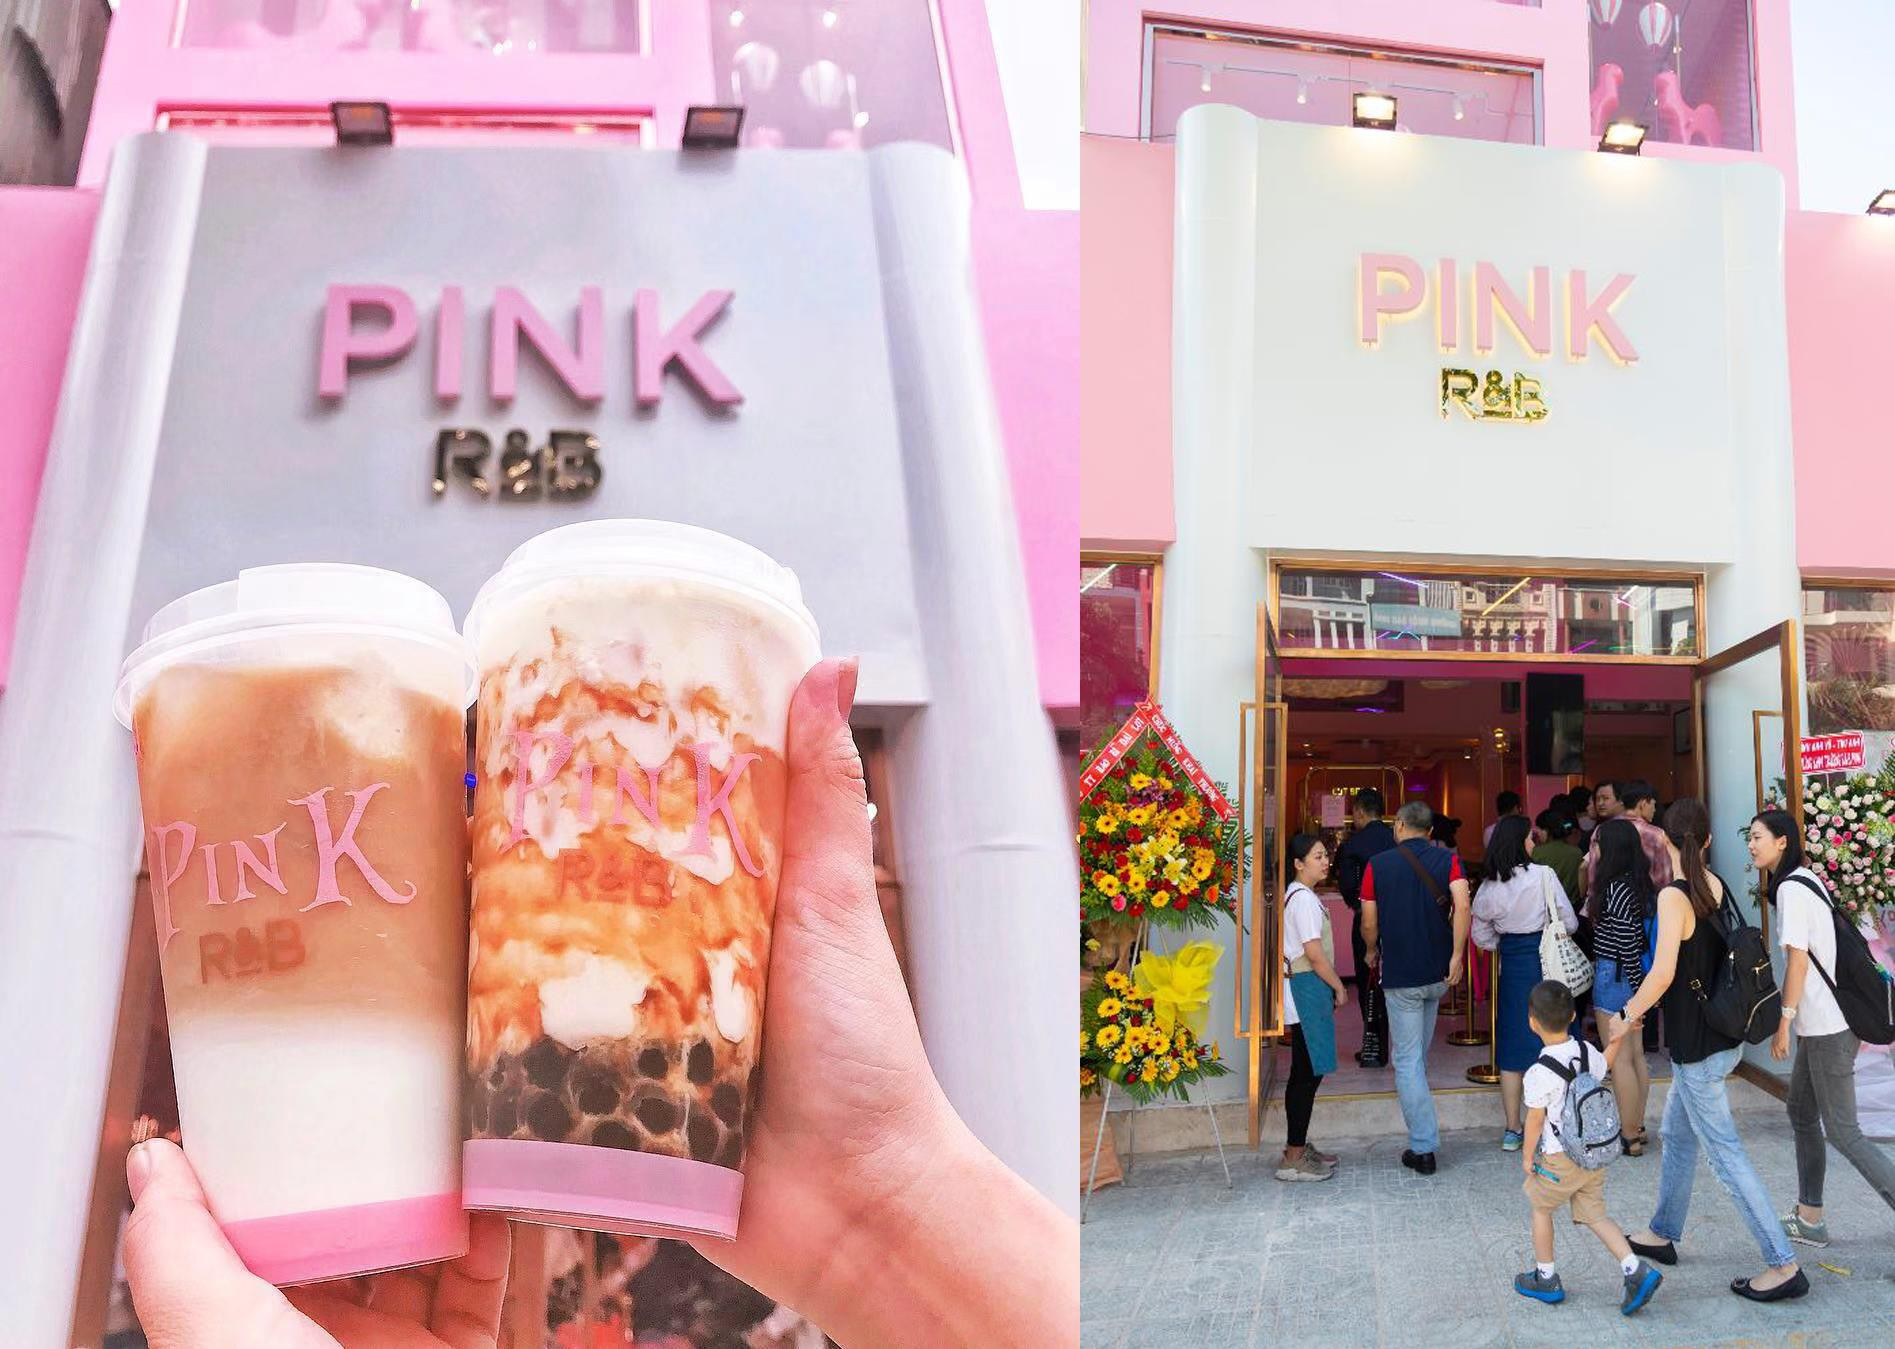 List quán ngon must-have trên đường Phan Xích Long thêm dài với sự xuất hiện của R&B phiên bản Pink độc đáo - Ảnh 1.